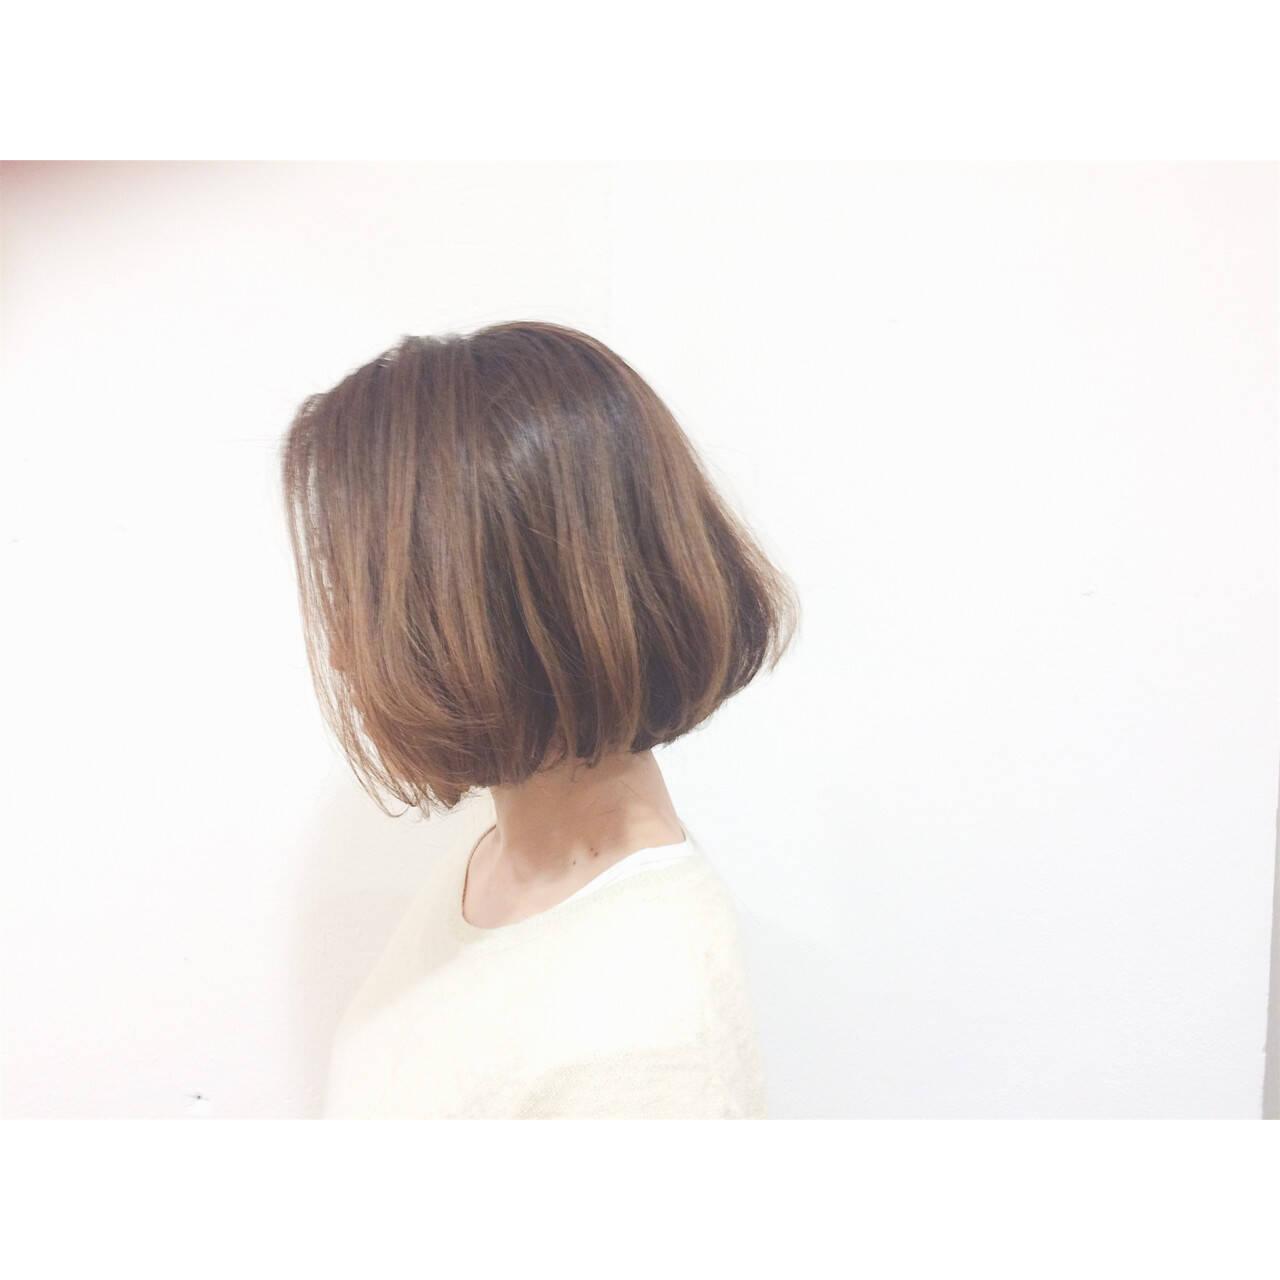 ナチュラル ゆるふわ アッシュ 大人かわいいヘアスタイルや髪型の写真・画像